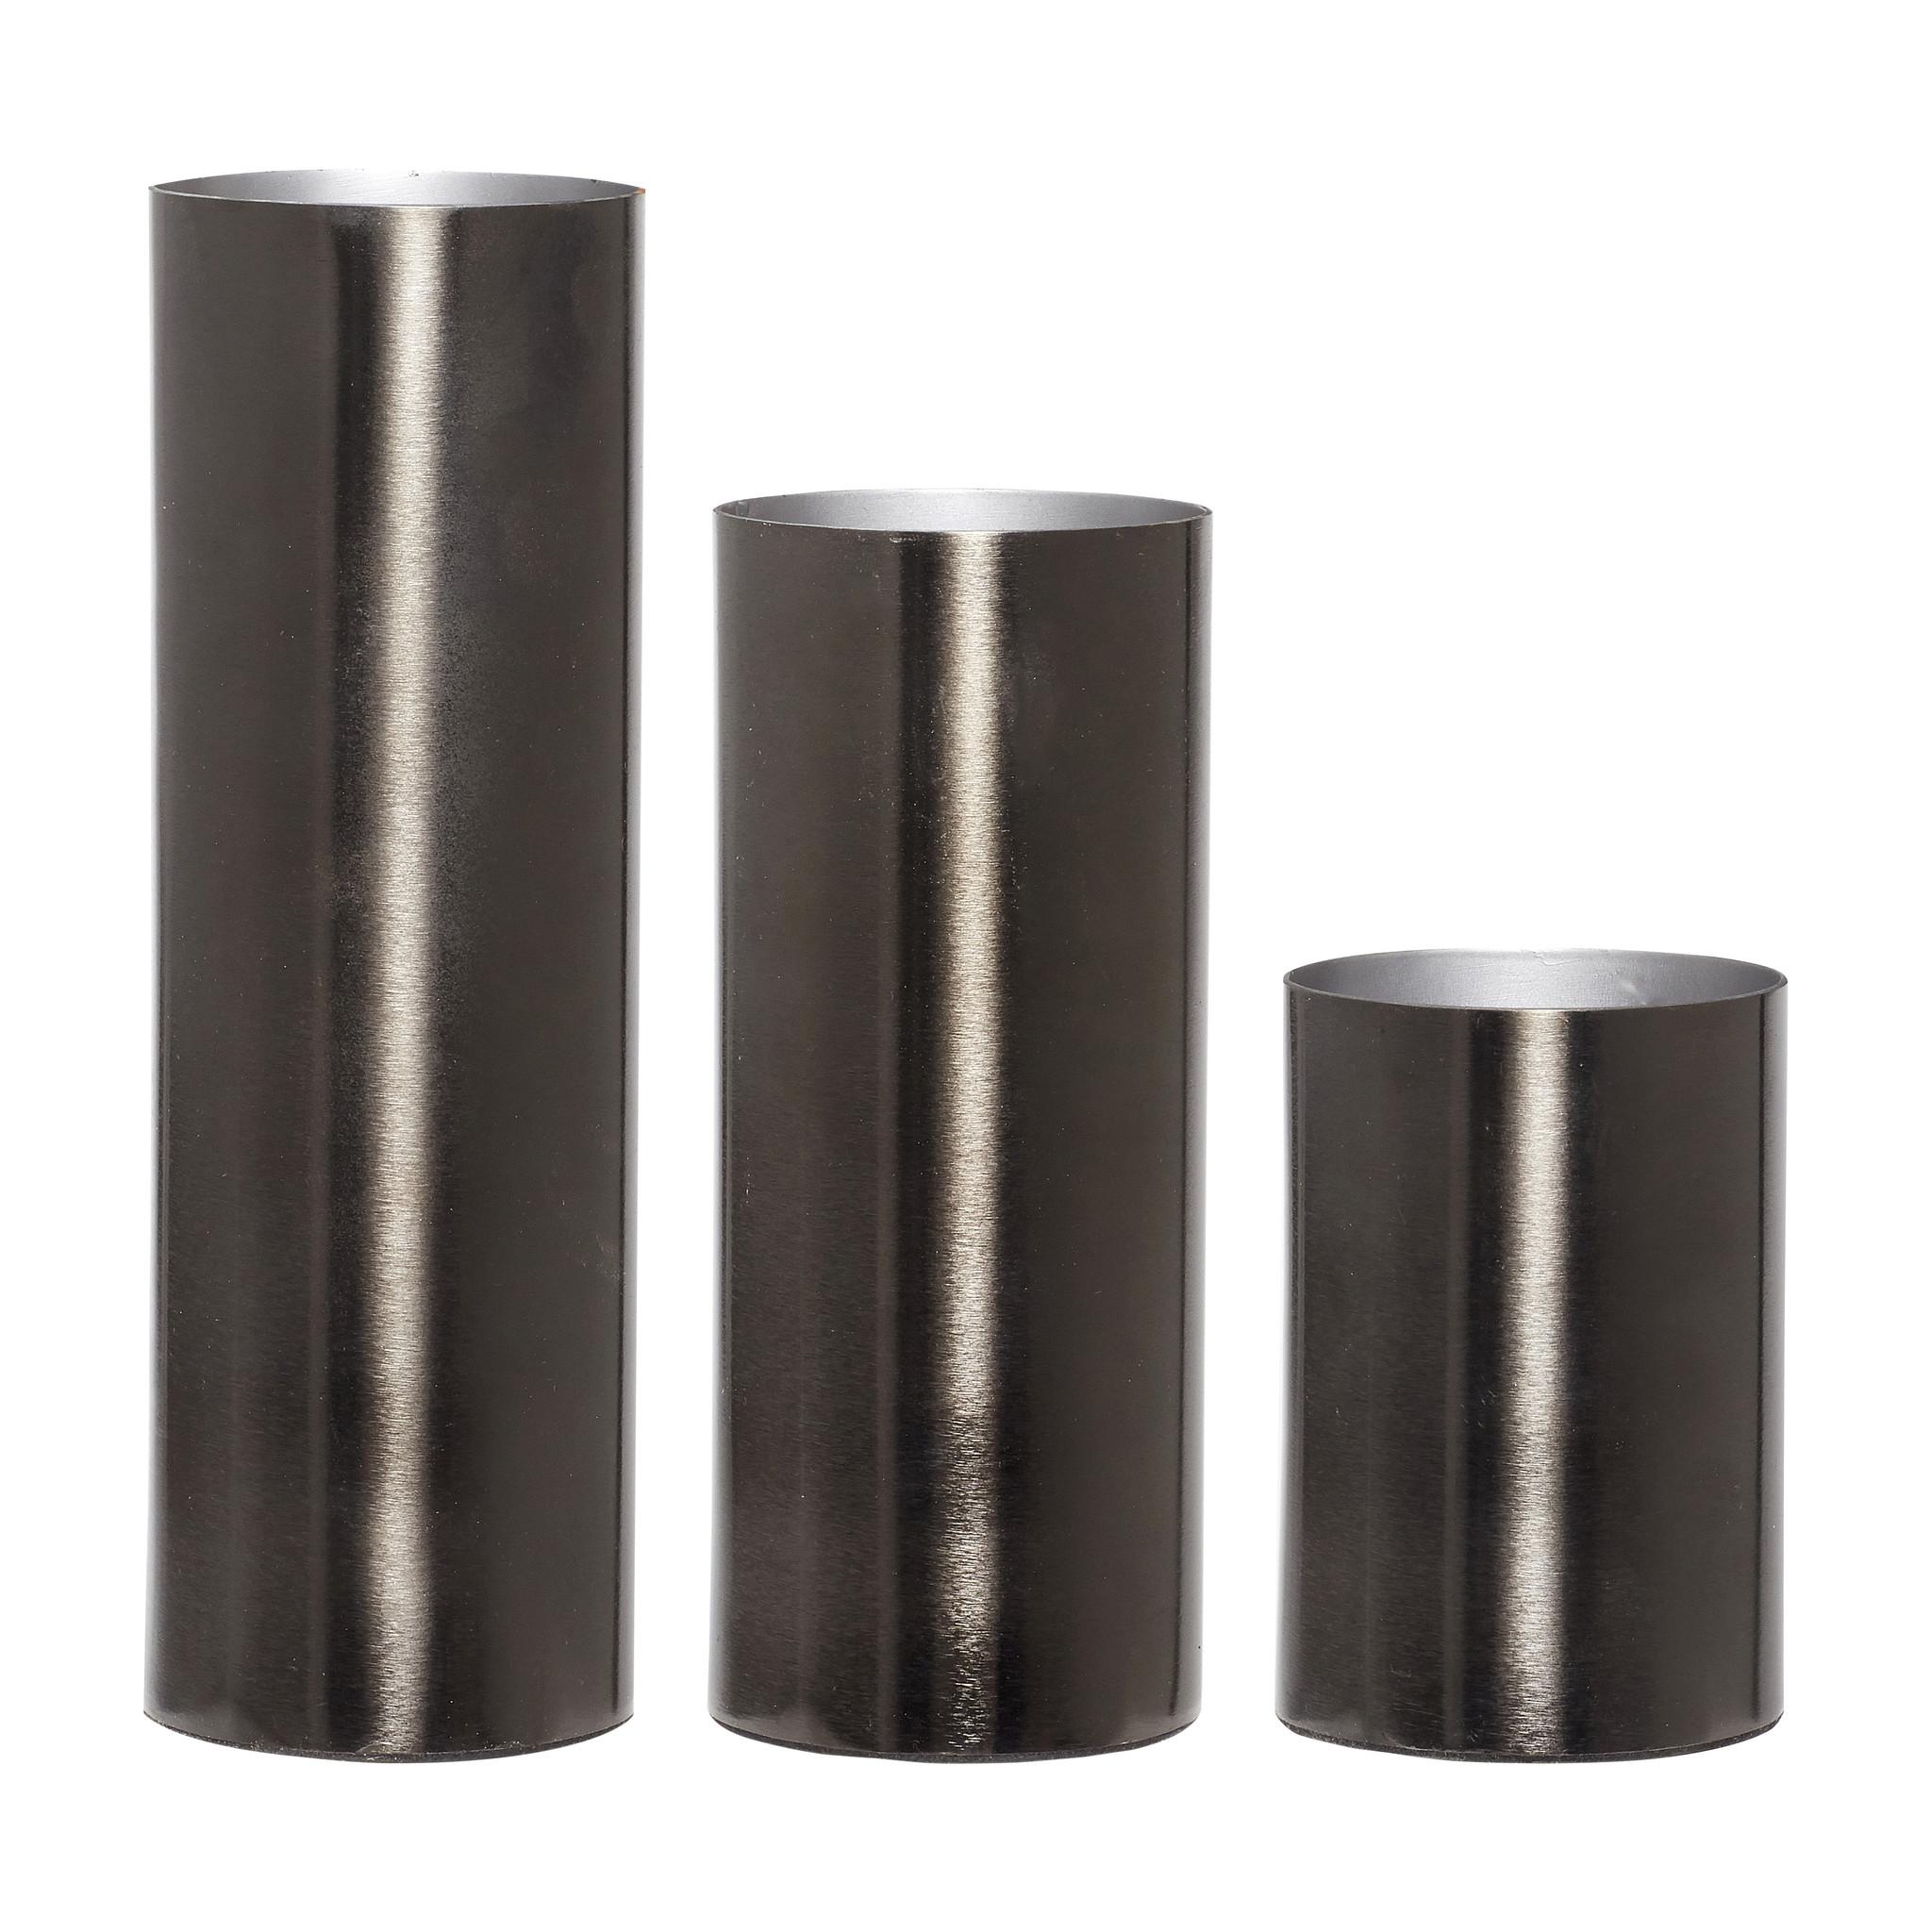 Hubsch Vaas, metaal, grijs, set van 3-270606-5712772038871